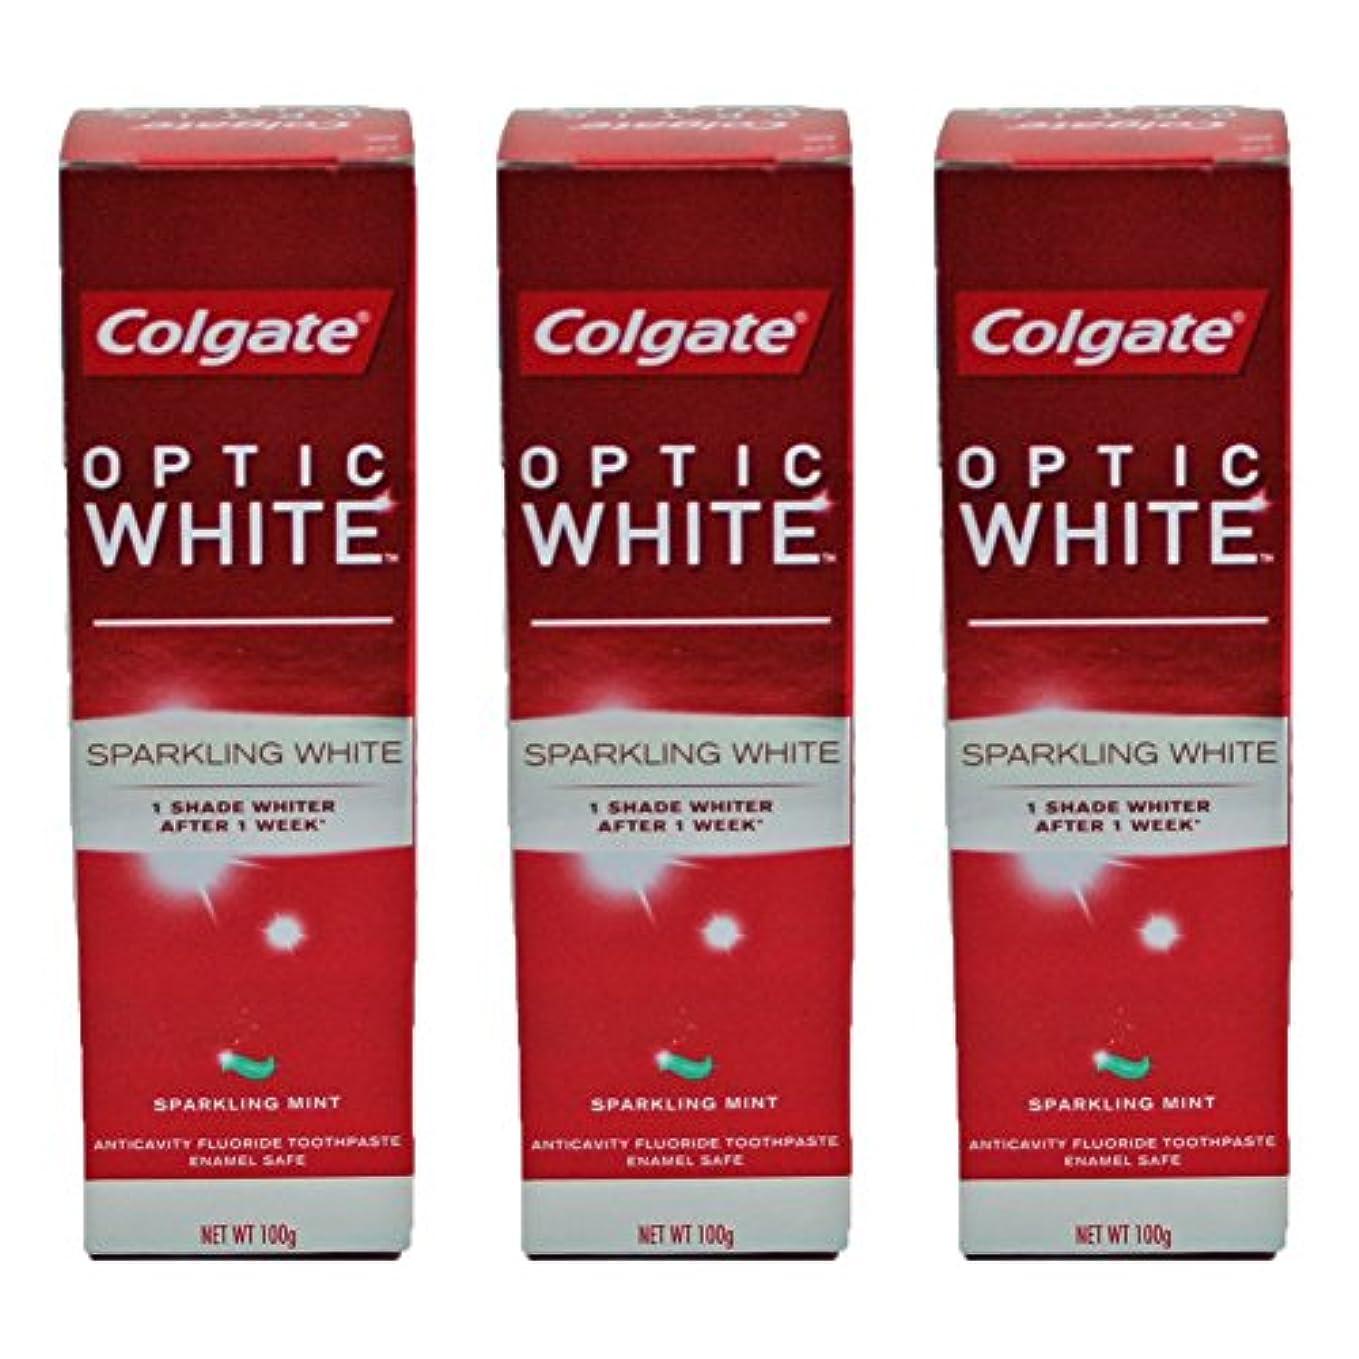 不足電気陽性一杯コールゲート オプティック ホワイト スパークリングシャイン 100g 3個セット [並行輸入品]